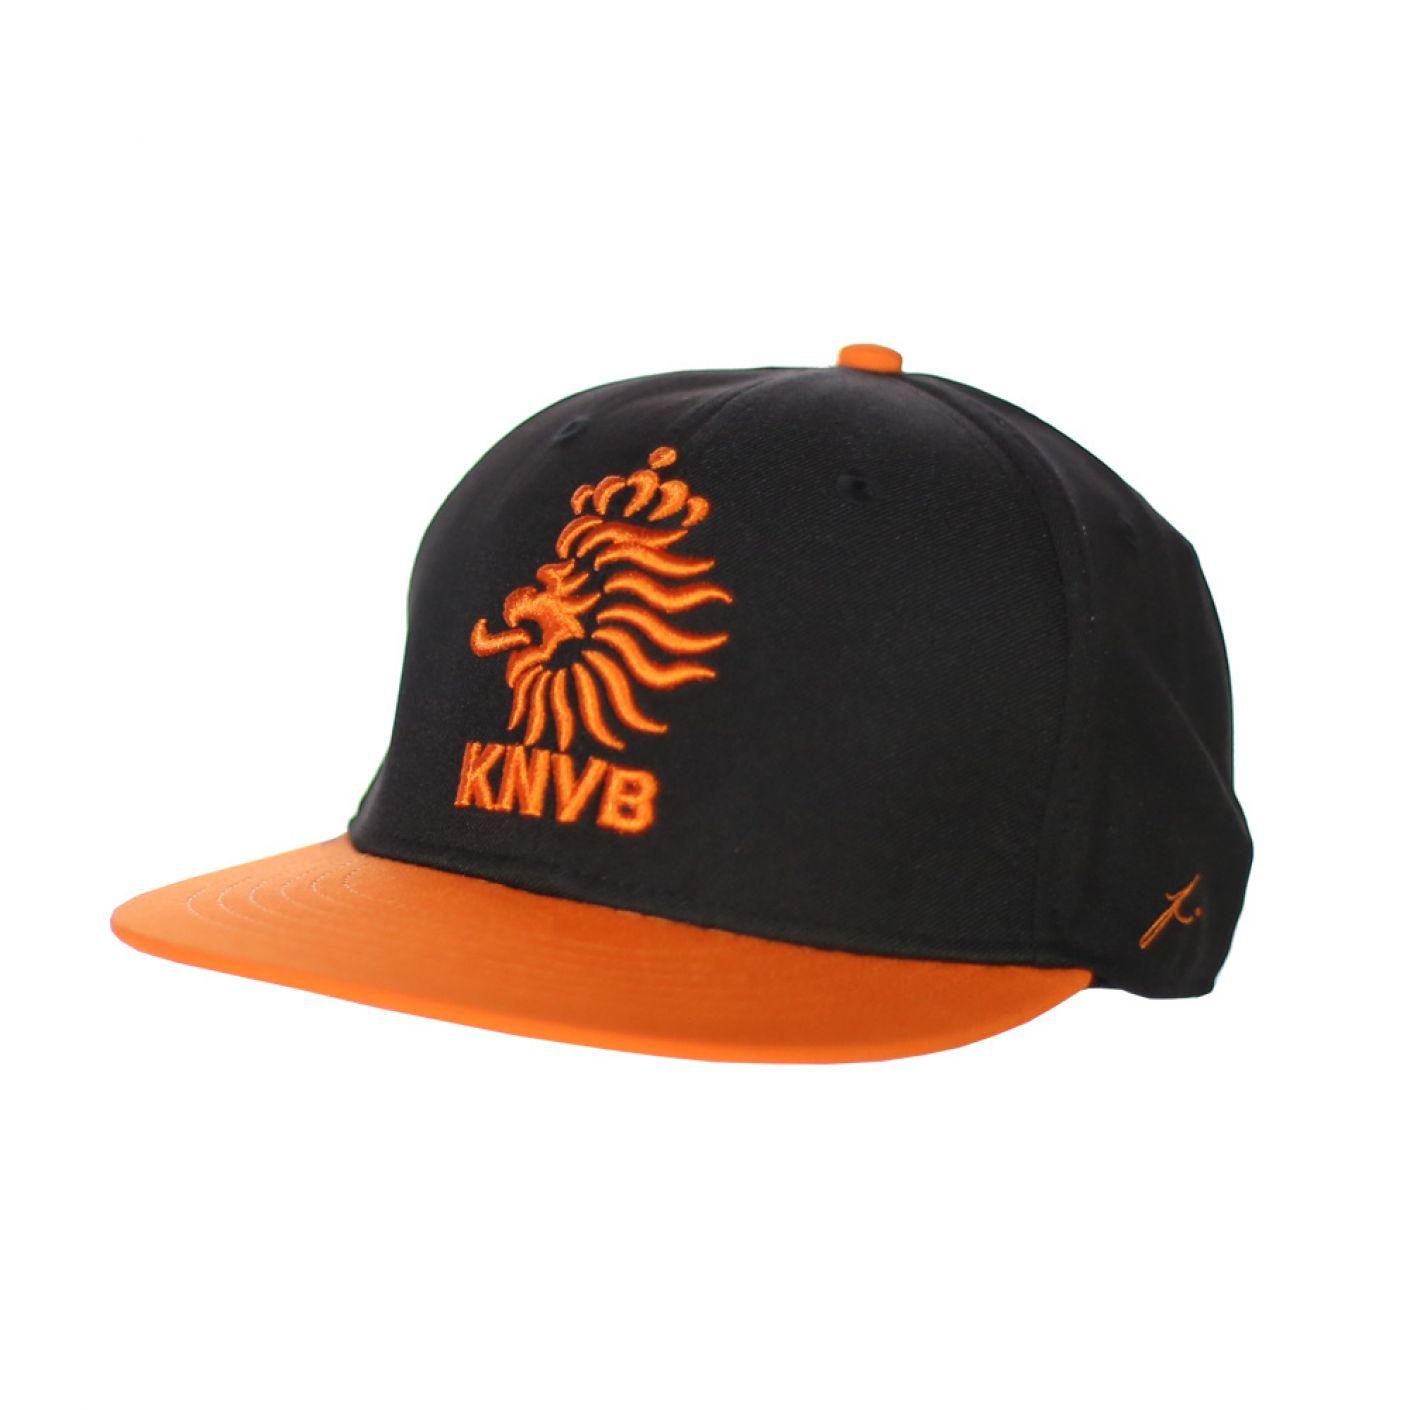 KNVB Cap Black Orange Adjustable